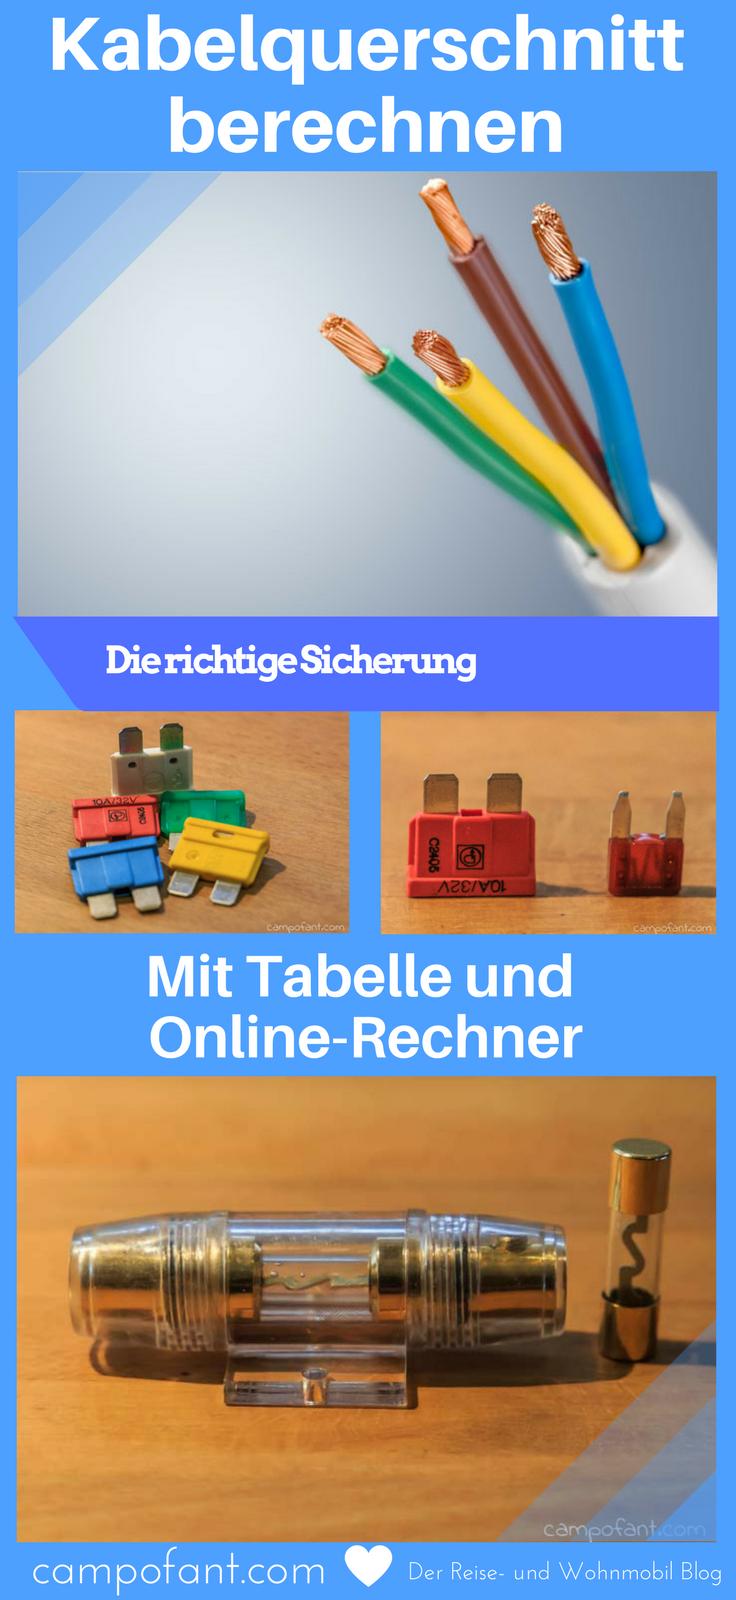 Kabelquerschnitt Berechnen Mit Tabelle Und Online Rechner Campofant Querschnitt Kabel Elektroinstallation Selber Machen